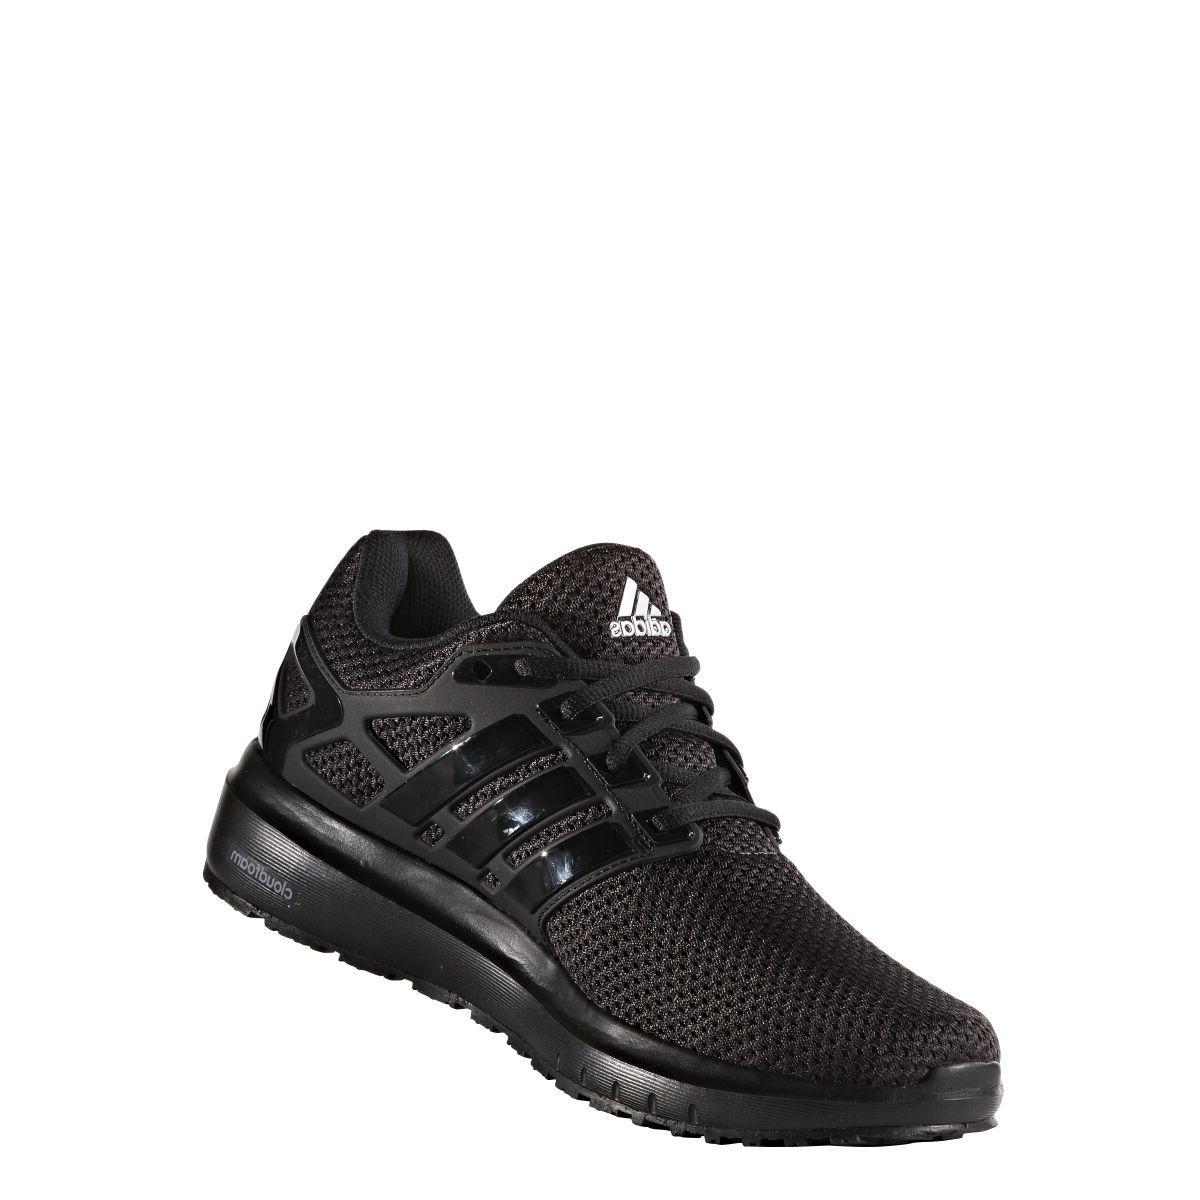 Mens Adidas Energy WTC Black 8,14